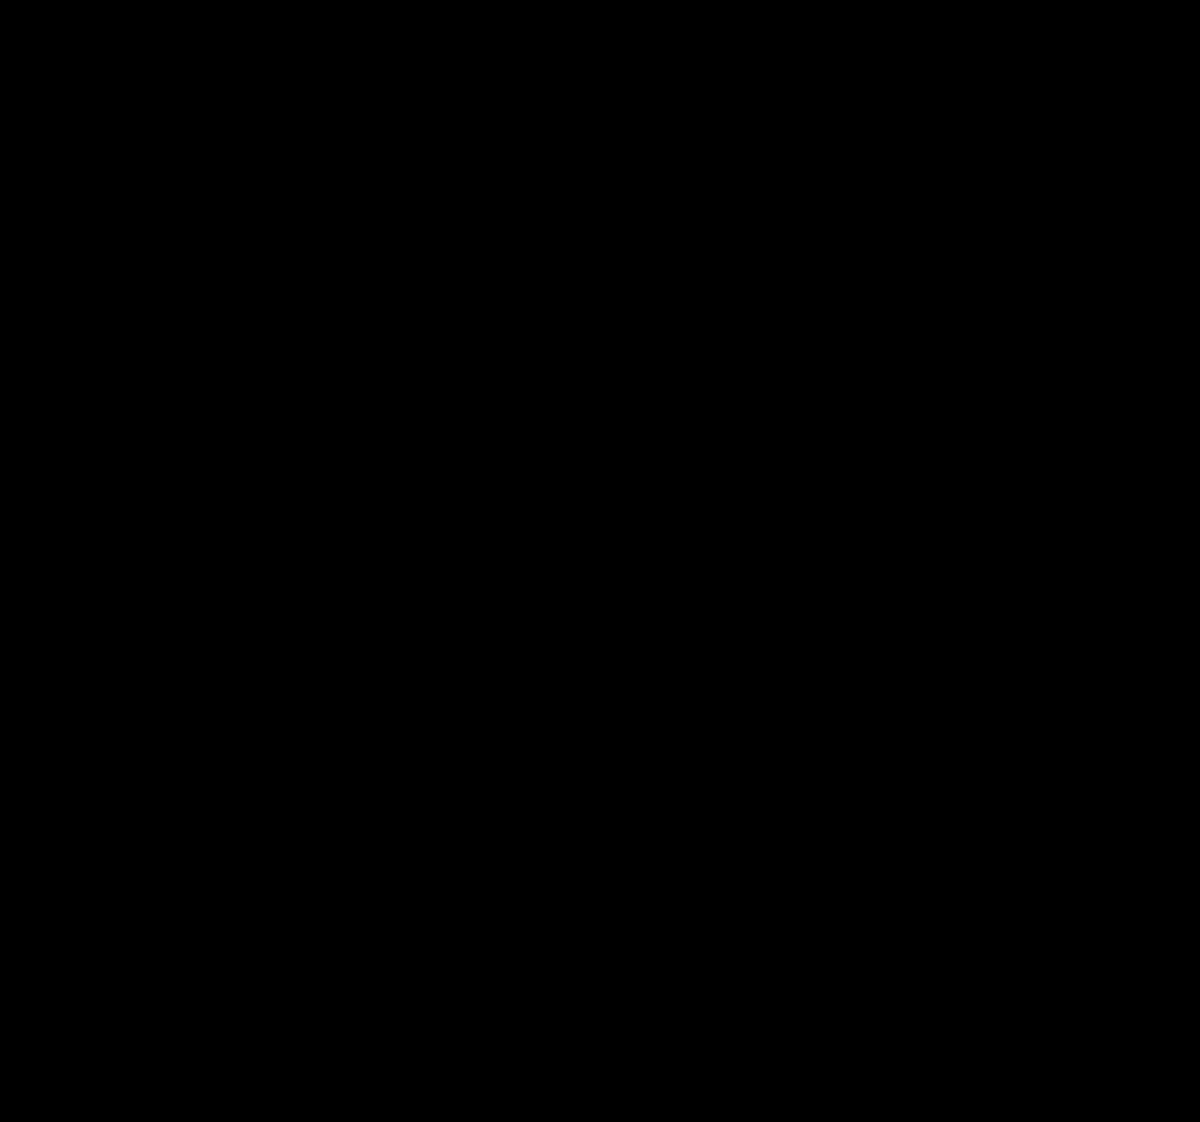 Smartphone Autohouder, Magnetische Dashboardhouder, 360 graden draaihoek, Kleur Zwart